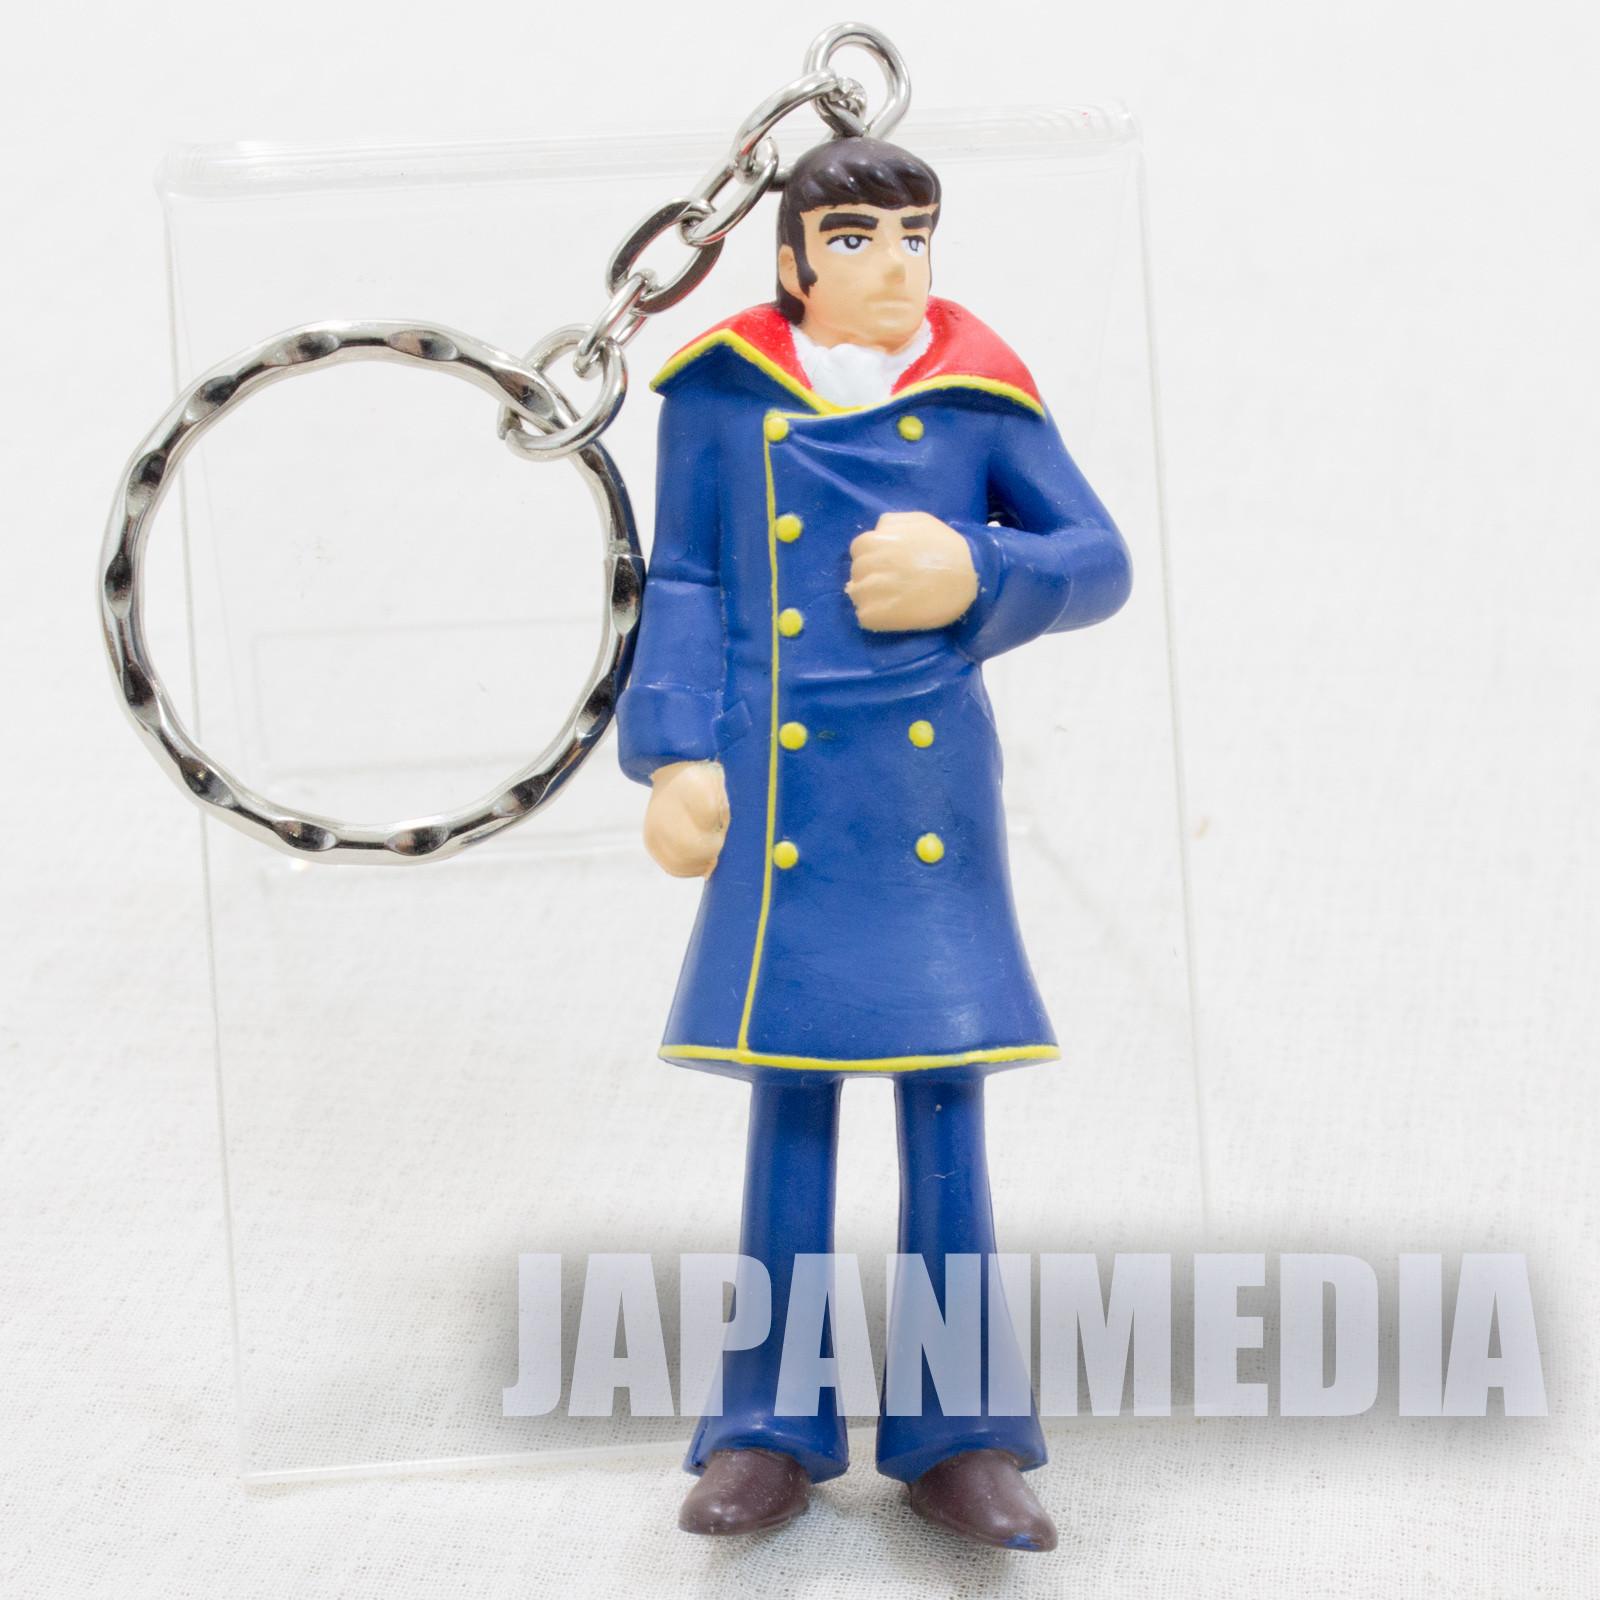 Space Battleship YAMATO Daisuke Shima Figure Keychain JAPAN ANIME